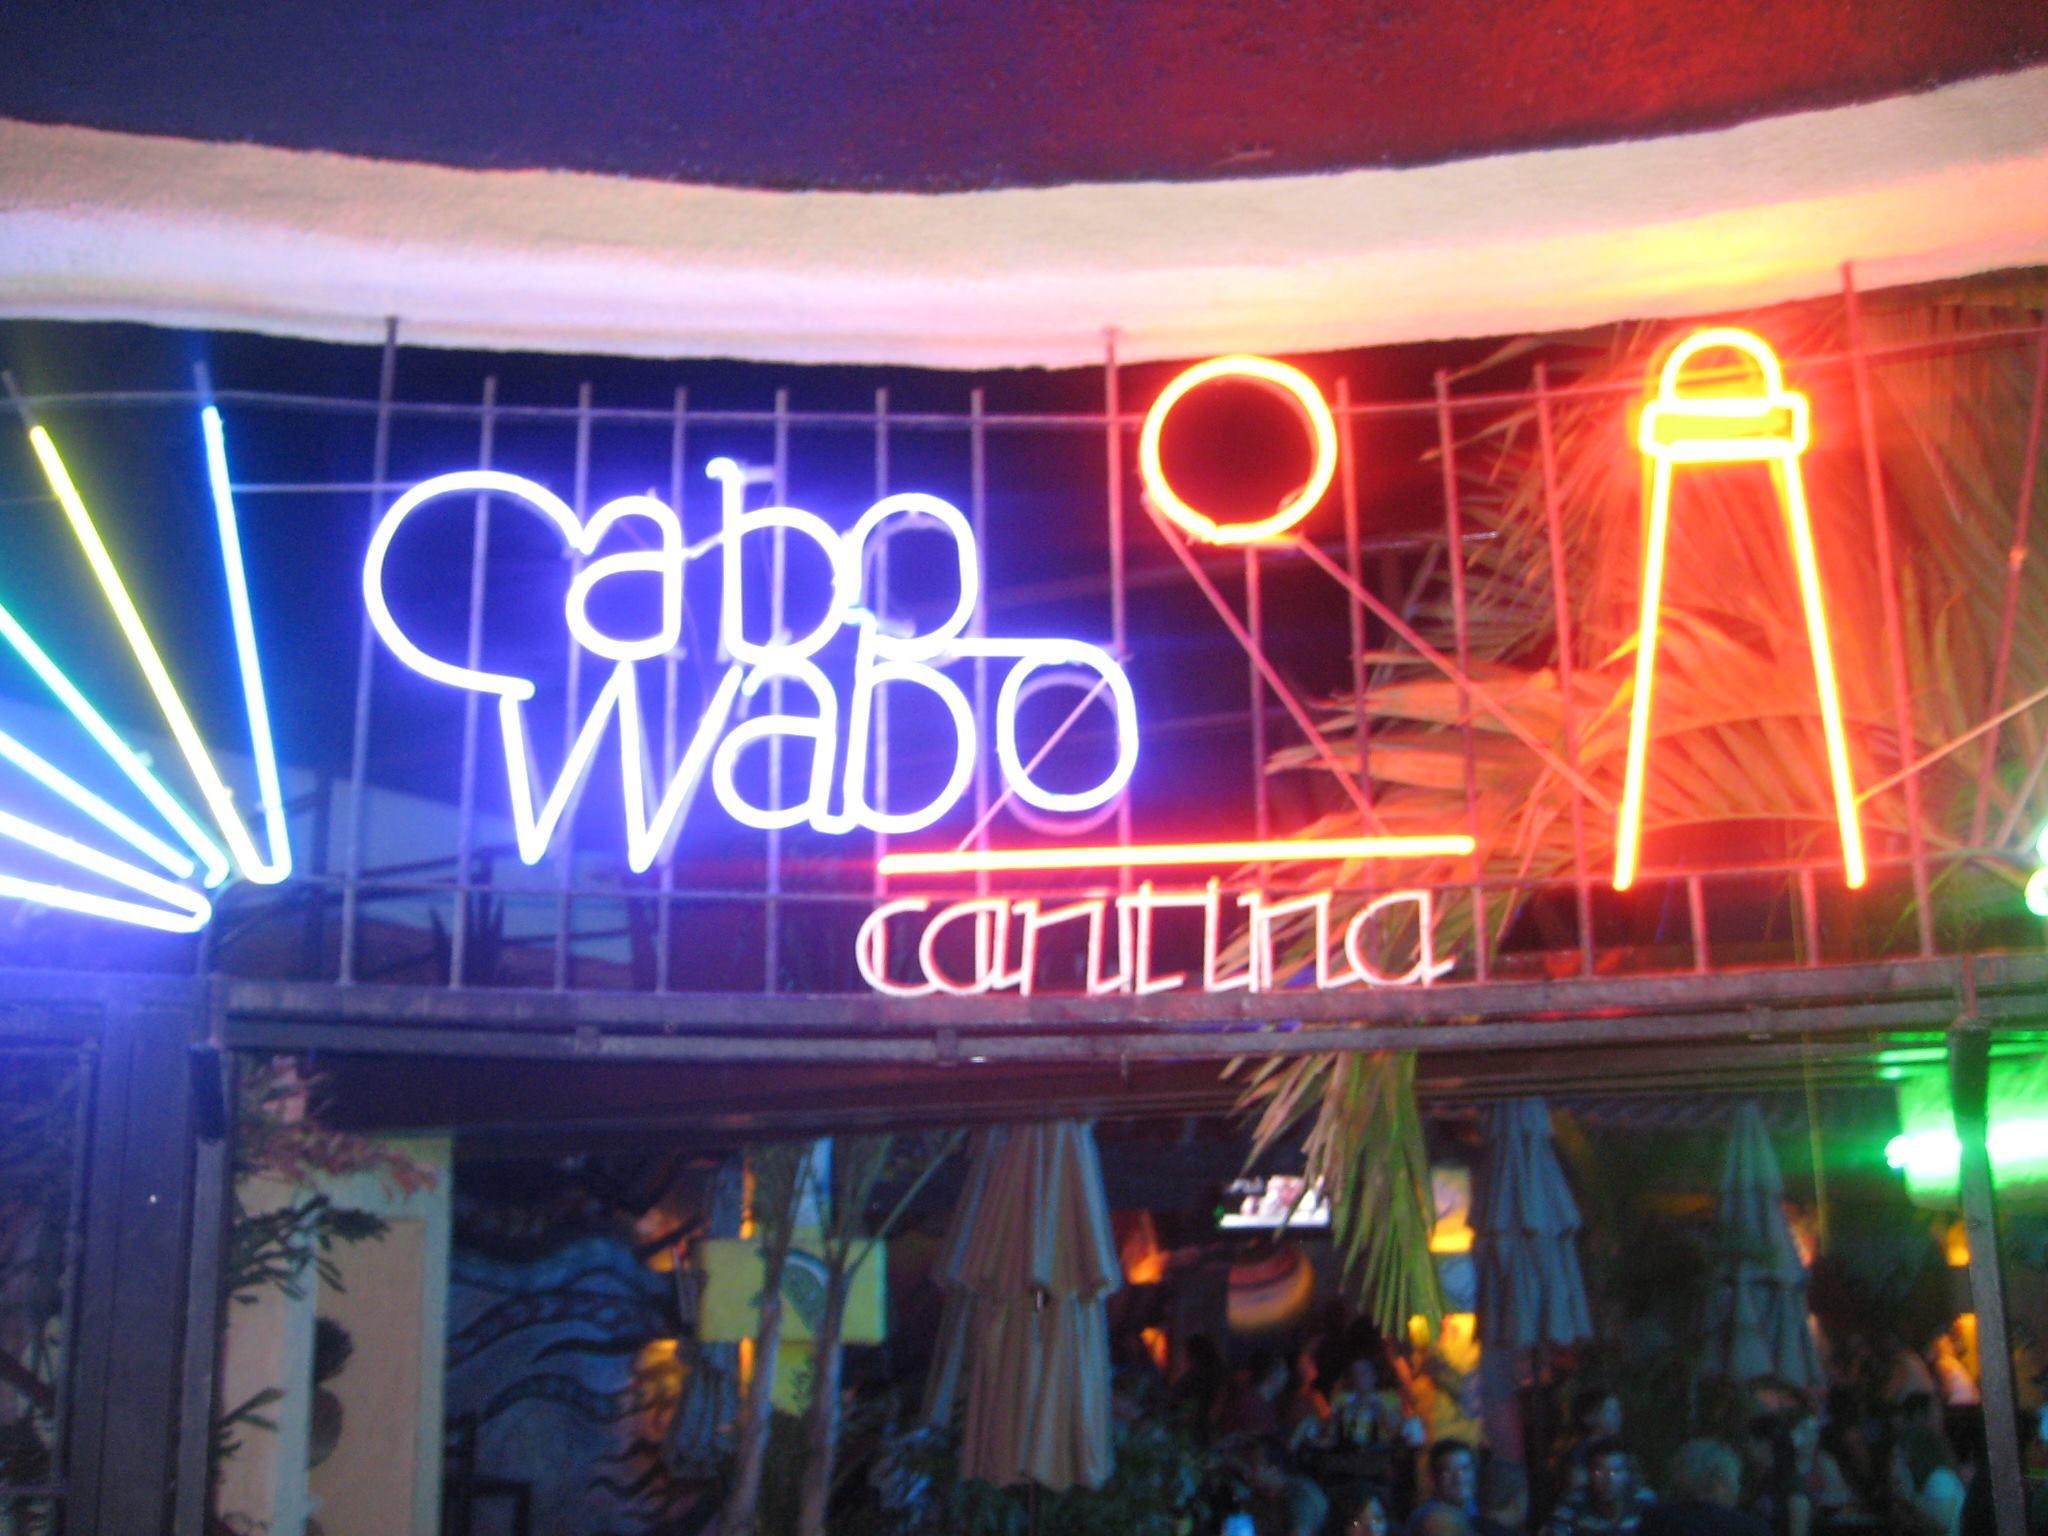 Cabo Wabo San Lucas Los Cabos Los Cabos San Lucas Night Life Neon Signs